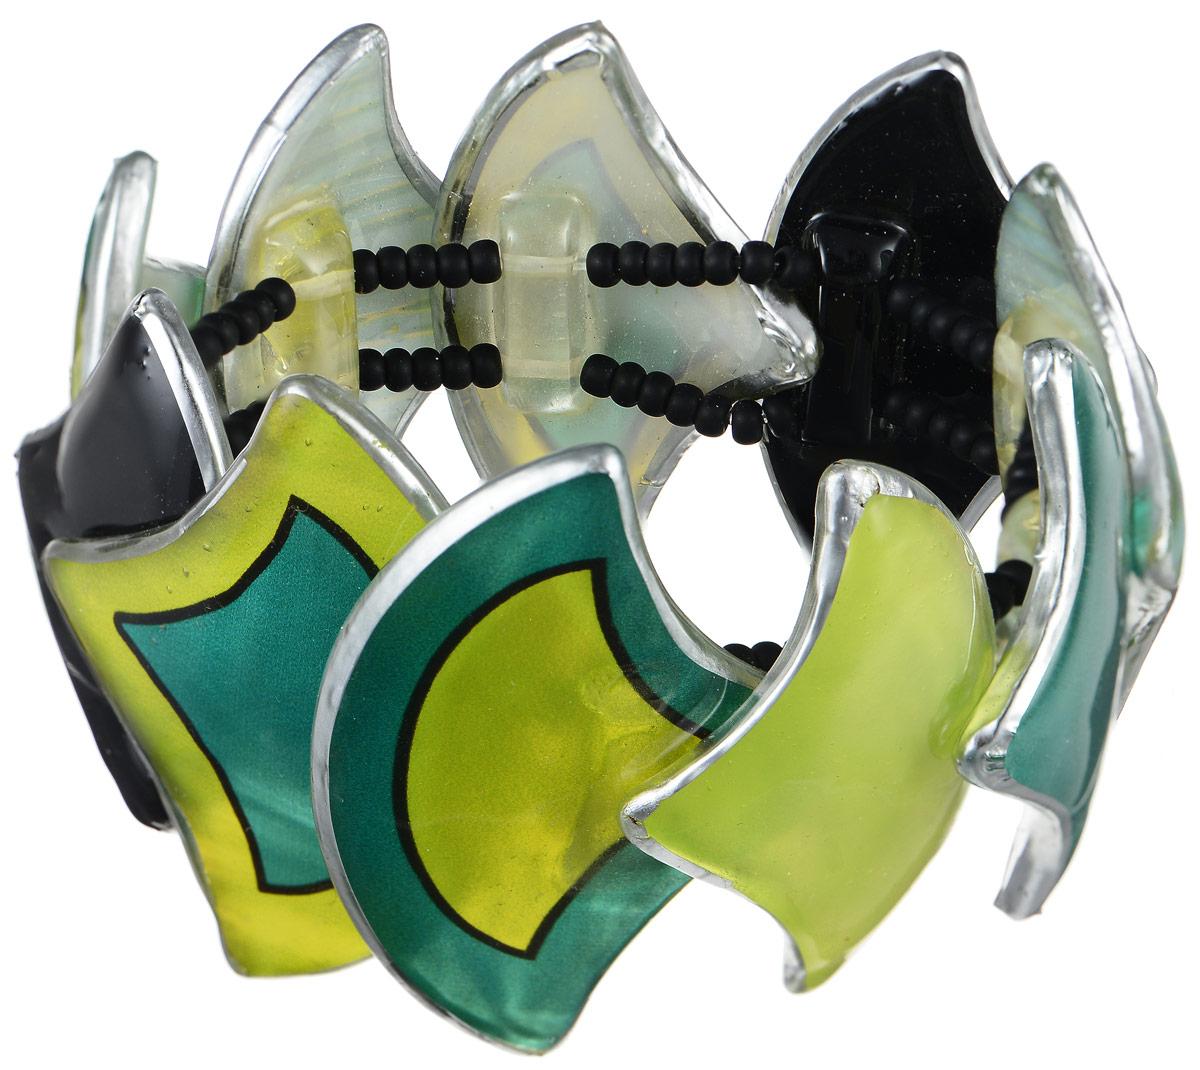 Браслет Lalo Treasures Dragonfly III, цвет: зеленый, черный, салатовый. B2536-1B2536-1Оригинальный браслет Lalo Treasures Dragonfly III выполнен из ювелирной смолы. Декоративные элементы собраны на эластичной основе, которая делает размер изделия универсальным и позволит браслету идеально разместиться на запястье. Стильное украшение поможет дополнить любой образ и привнести в него завершающий яркий штрих.